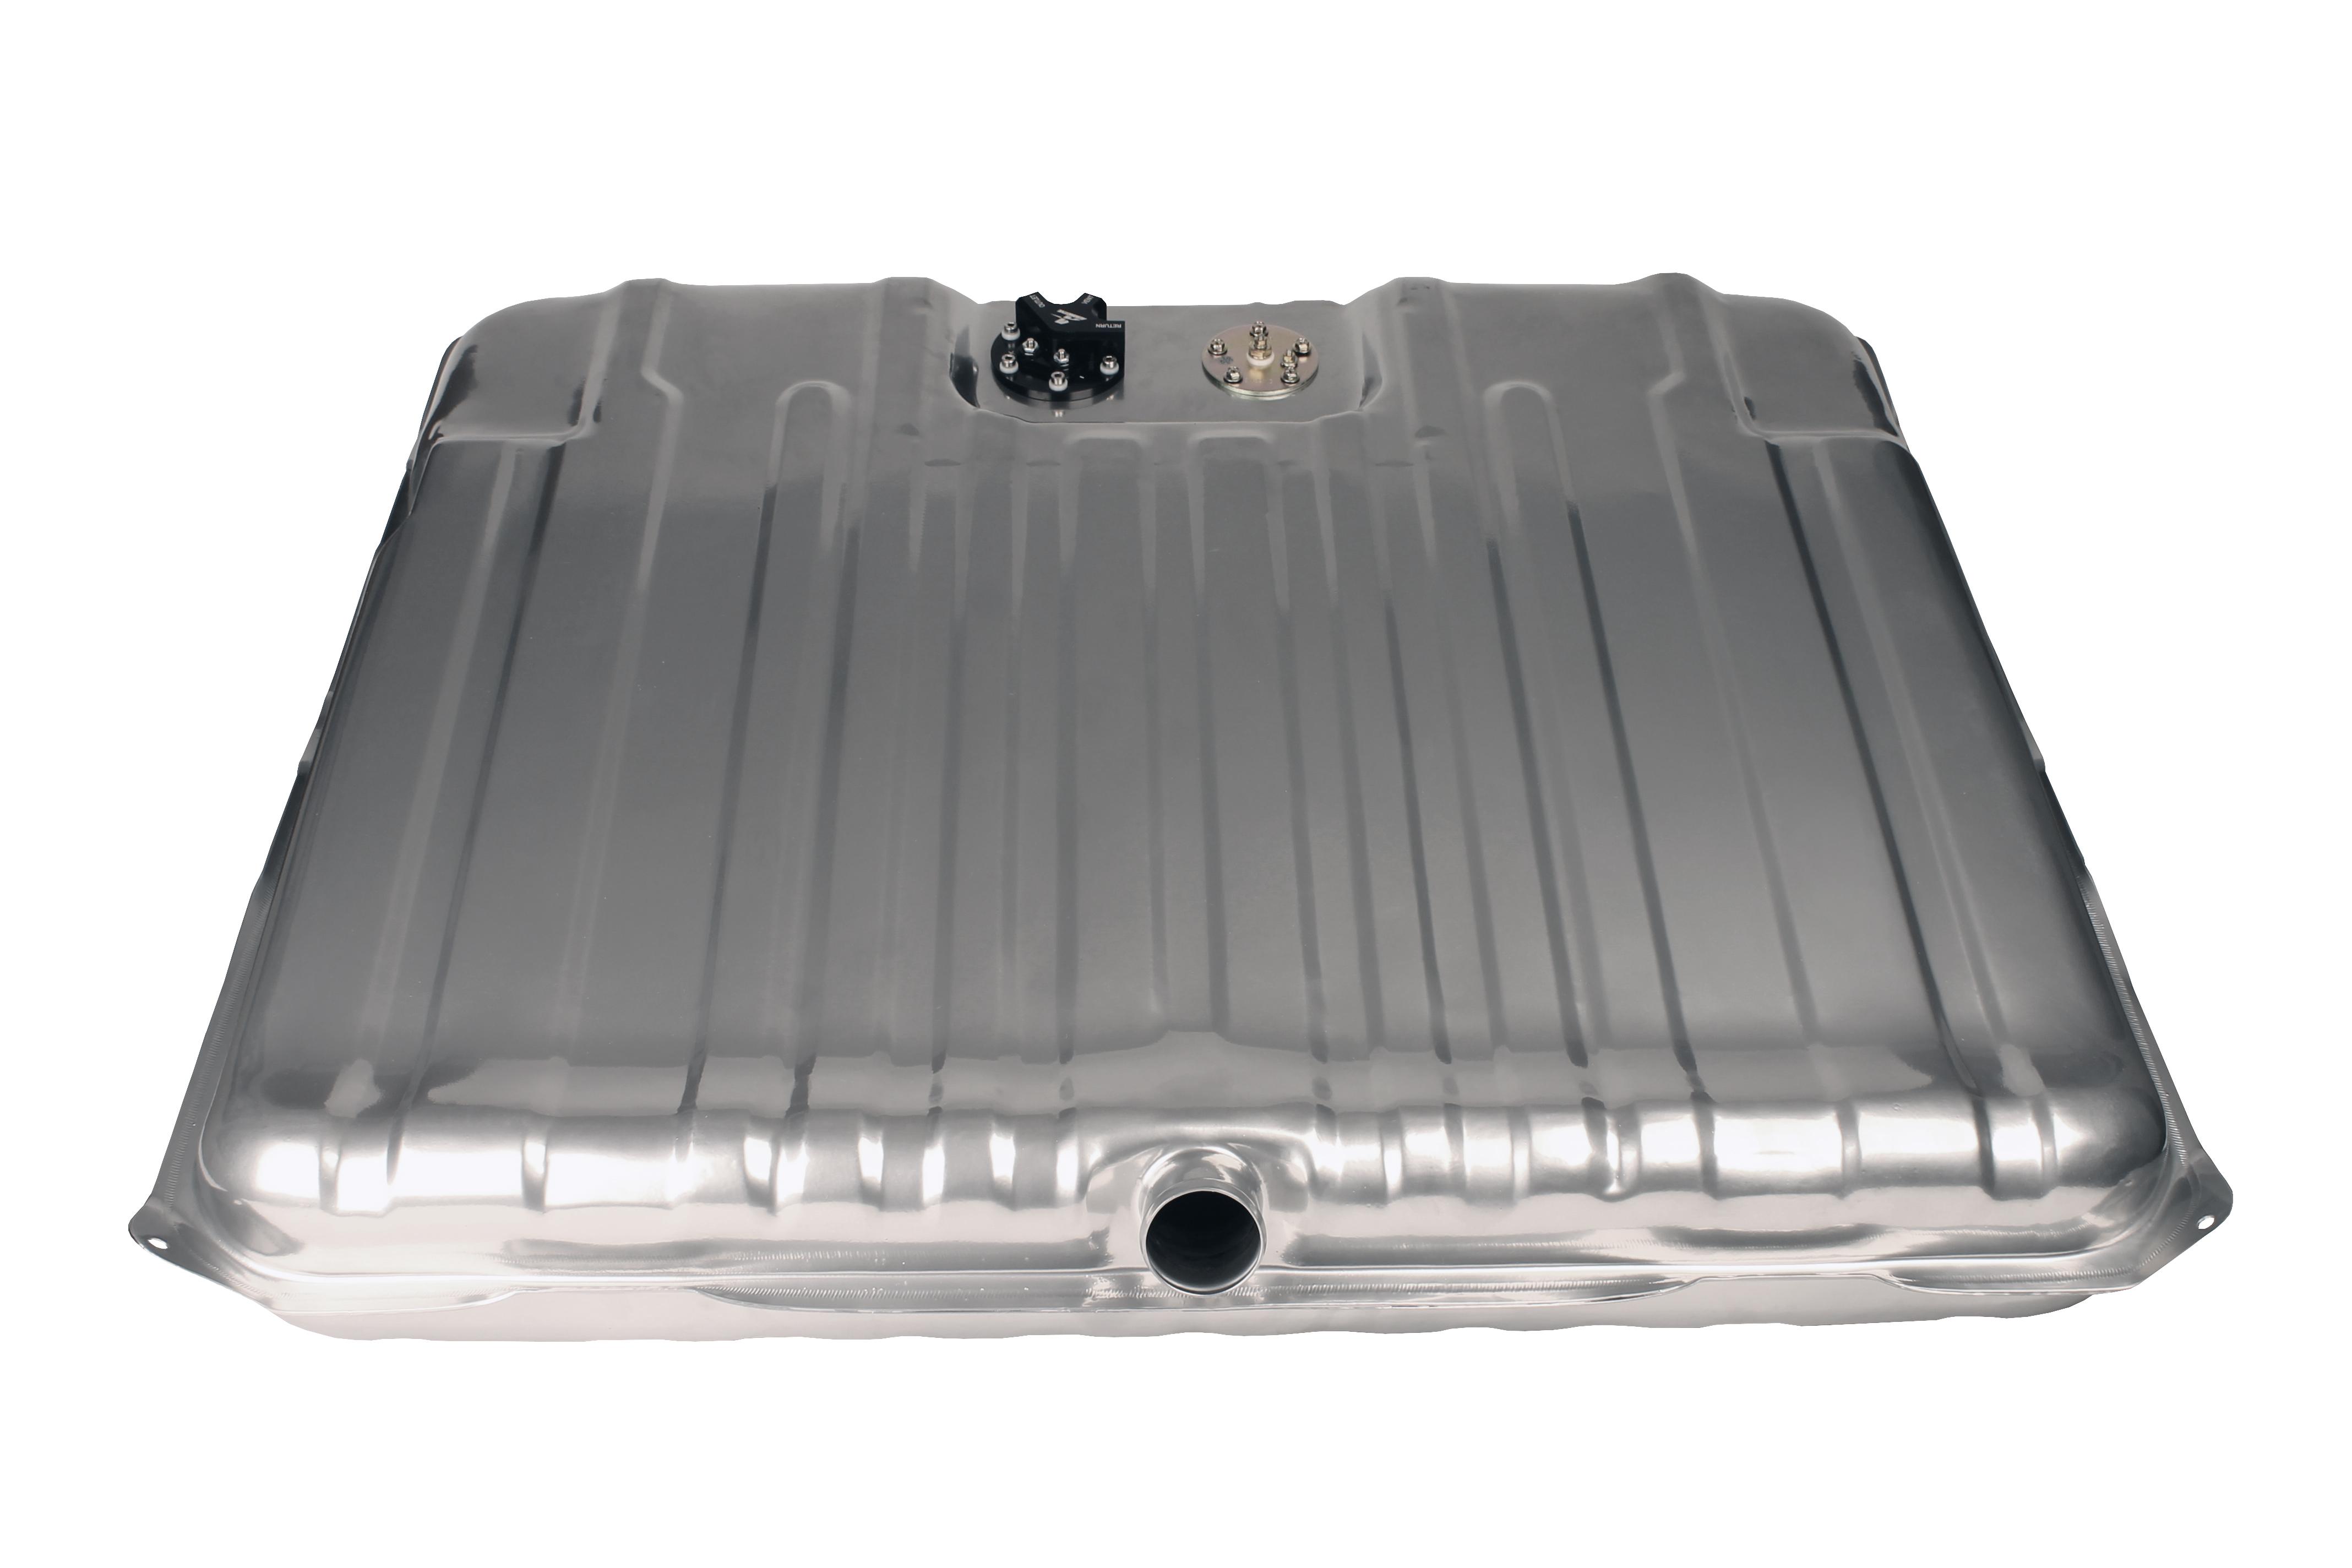 64-67 Chevelle / Malibu Fuel Tank